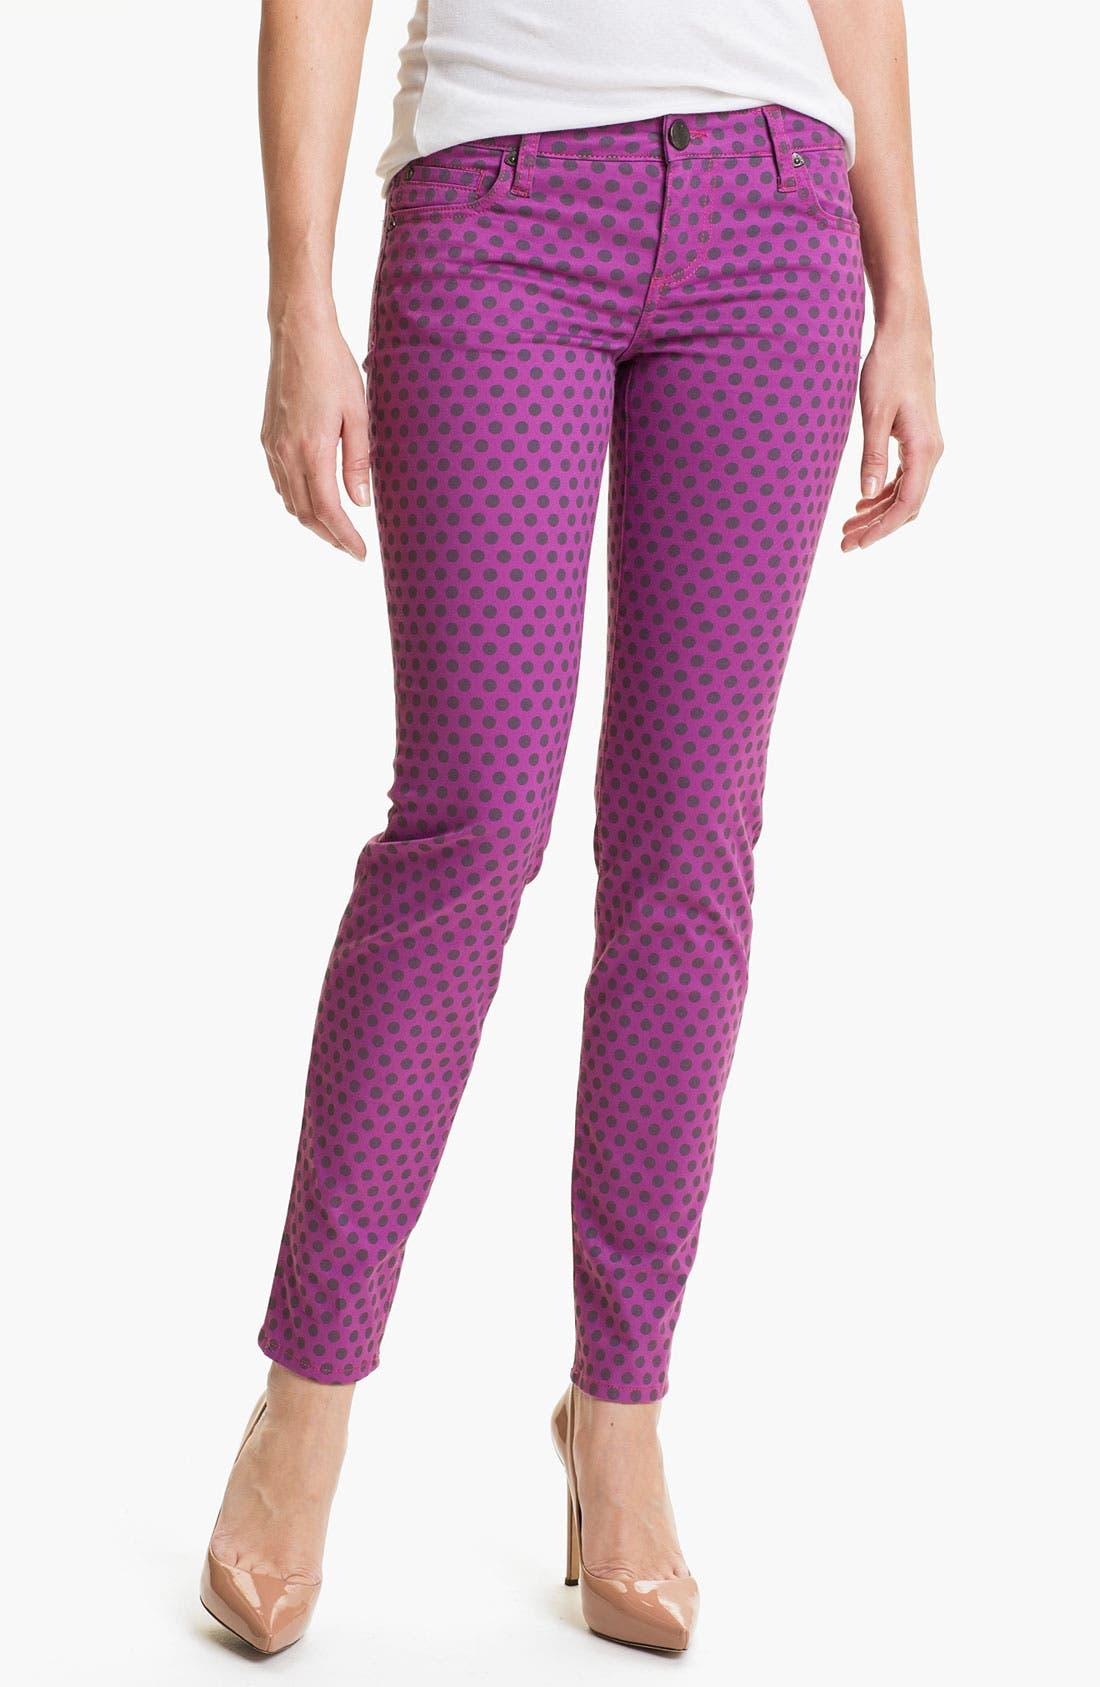 Main Image - KUT from the Kloth 'Diana' Polka Dot Skinny Jeans